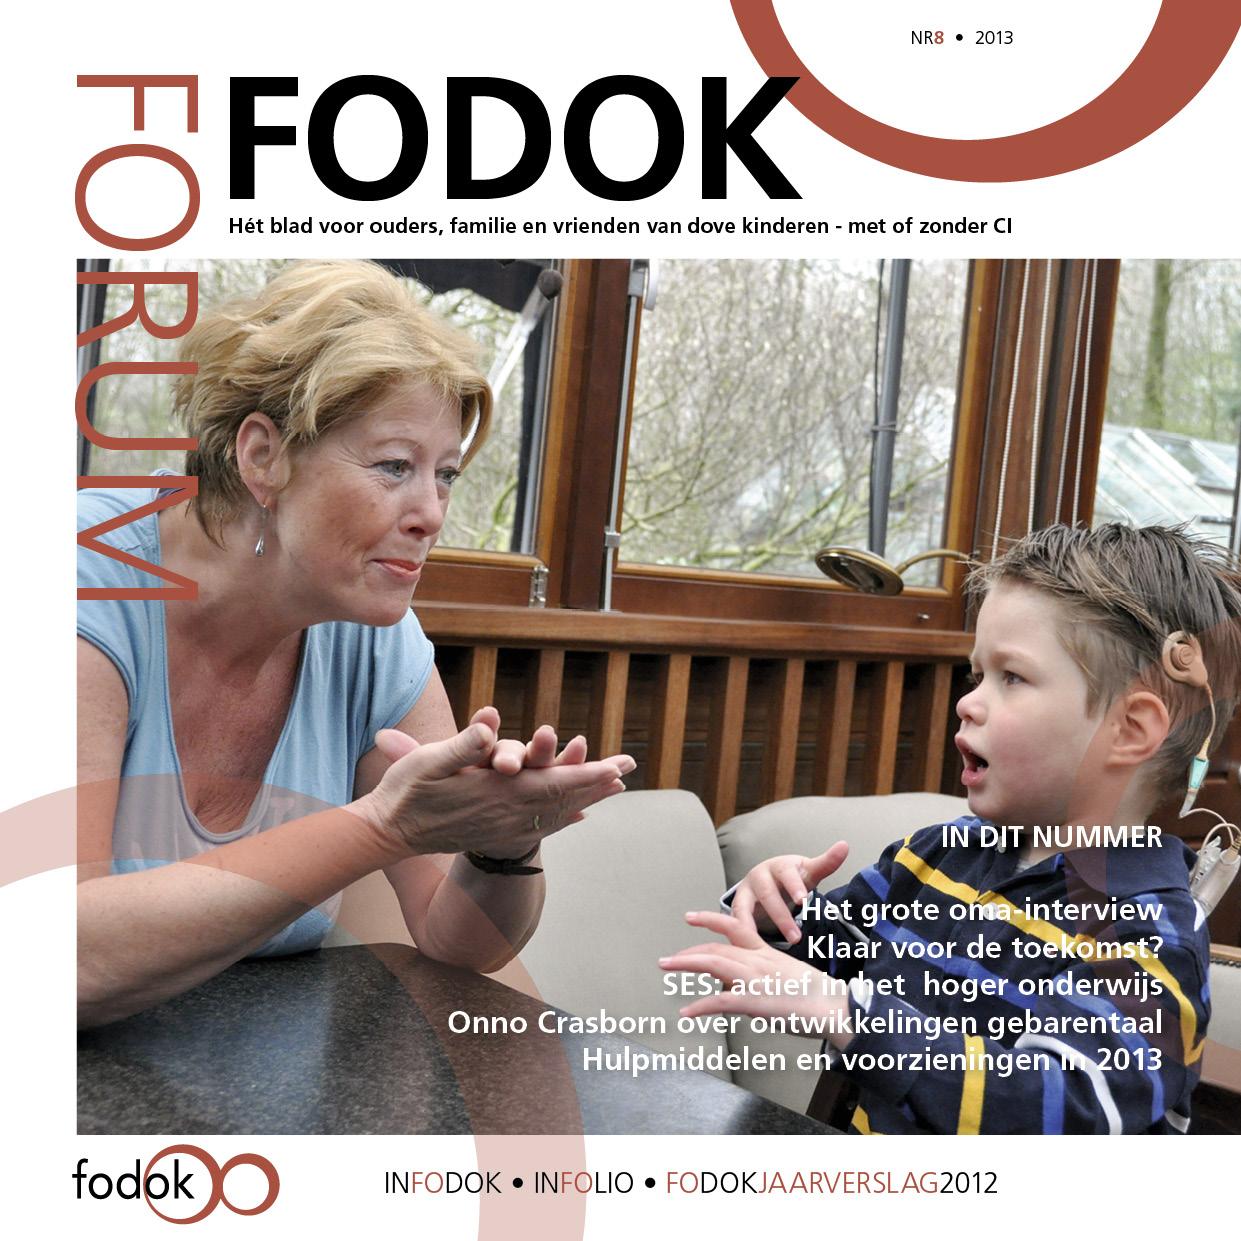 FODOKFORUM 8